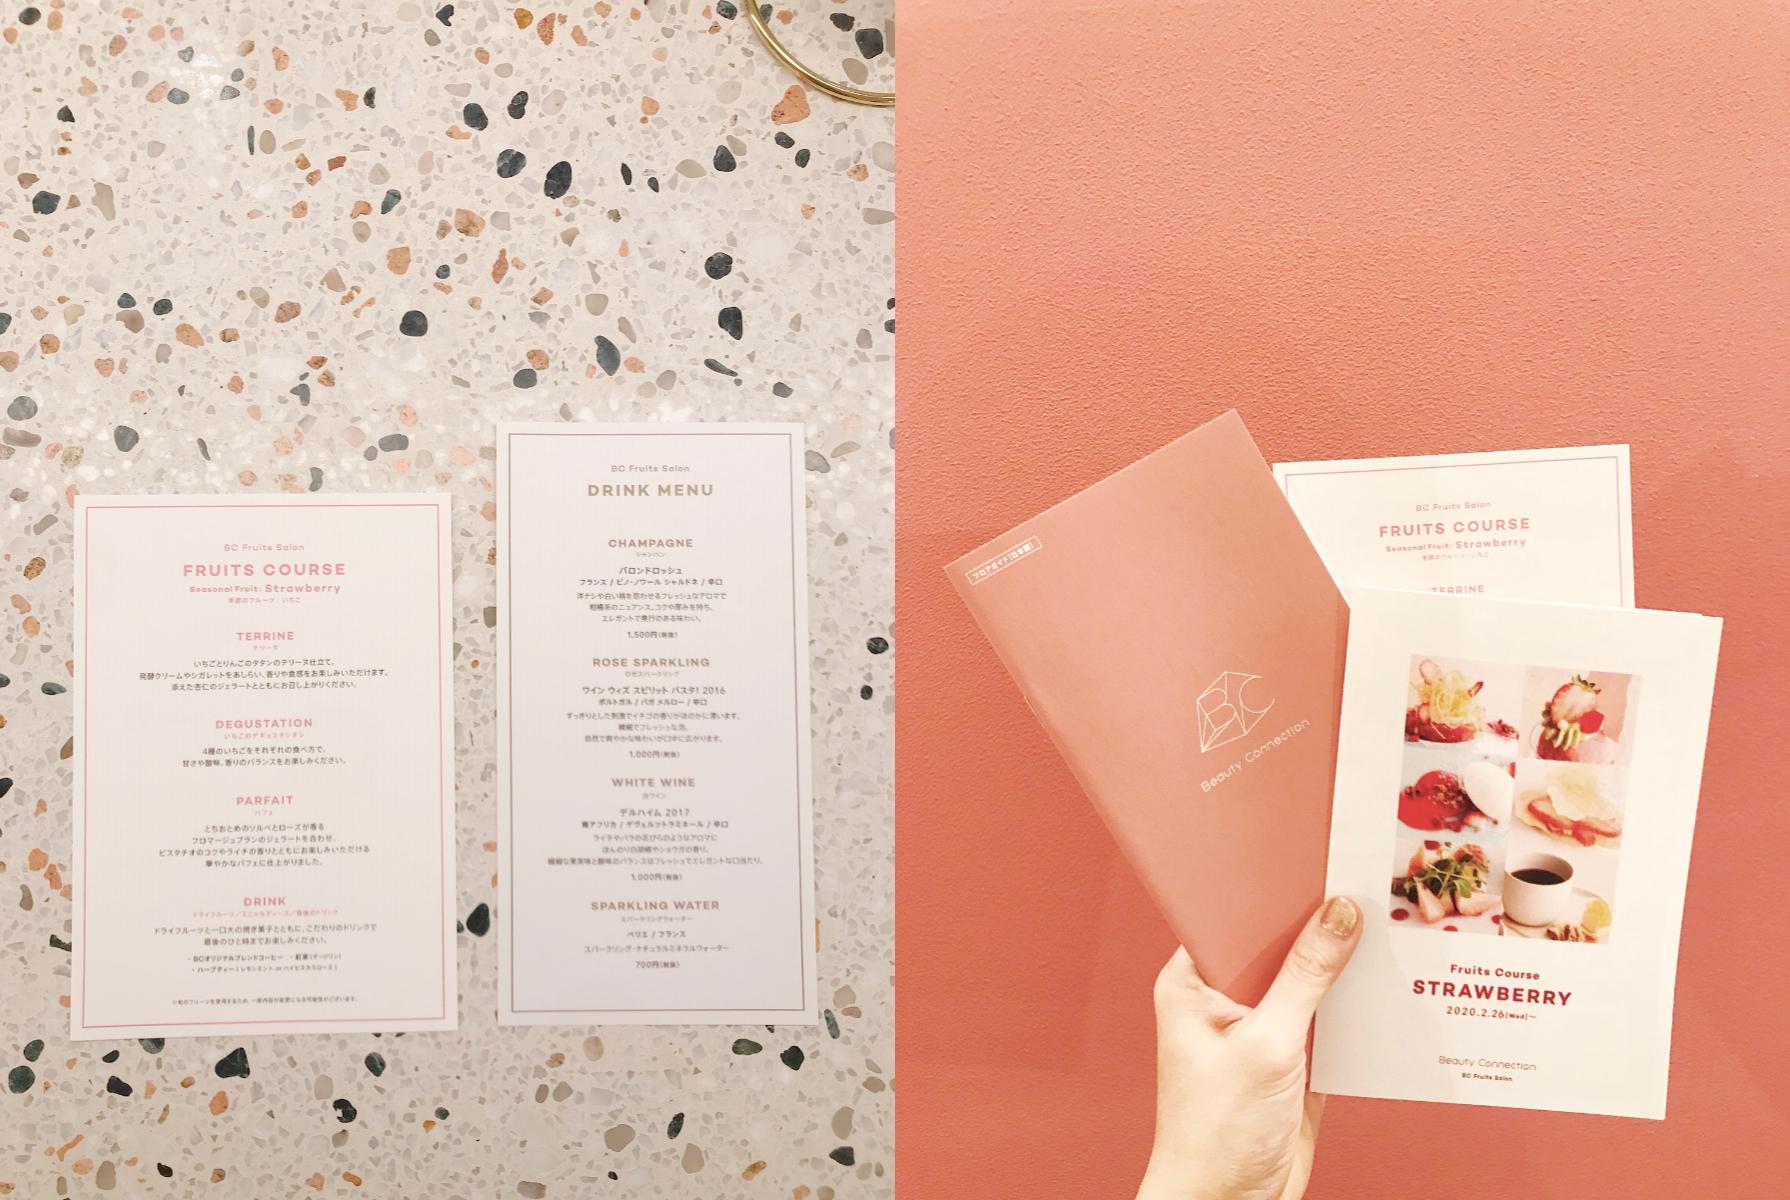 【銀座で#いちご】『フルーツサロン』の限定「贅沢いちごのフルコース」を一足お先に食べてきた♬ _3